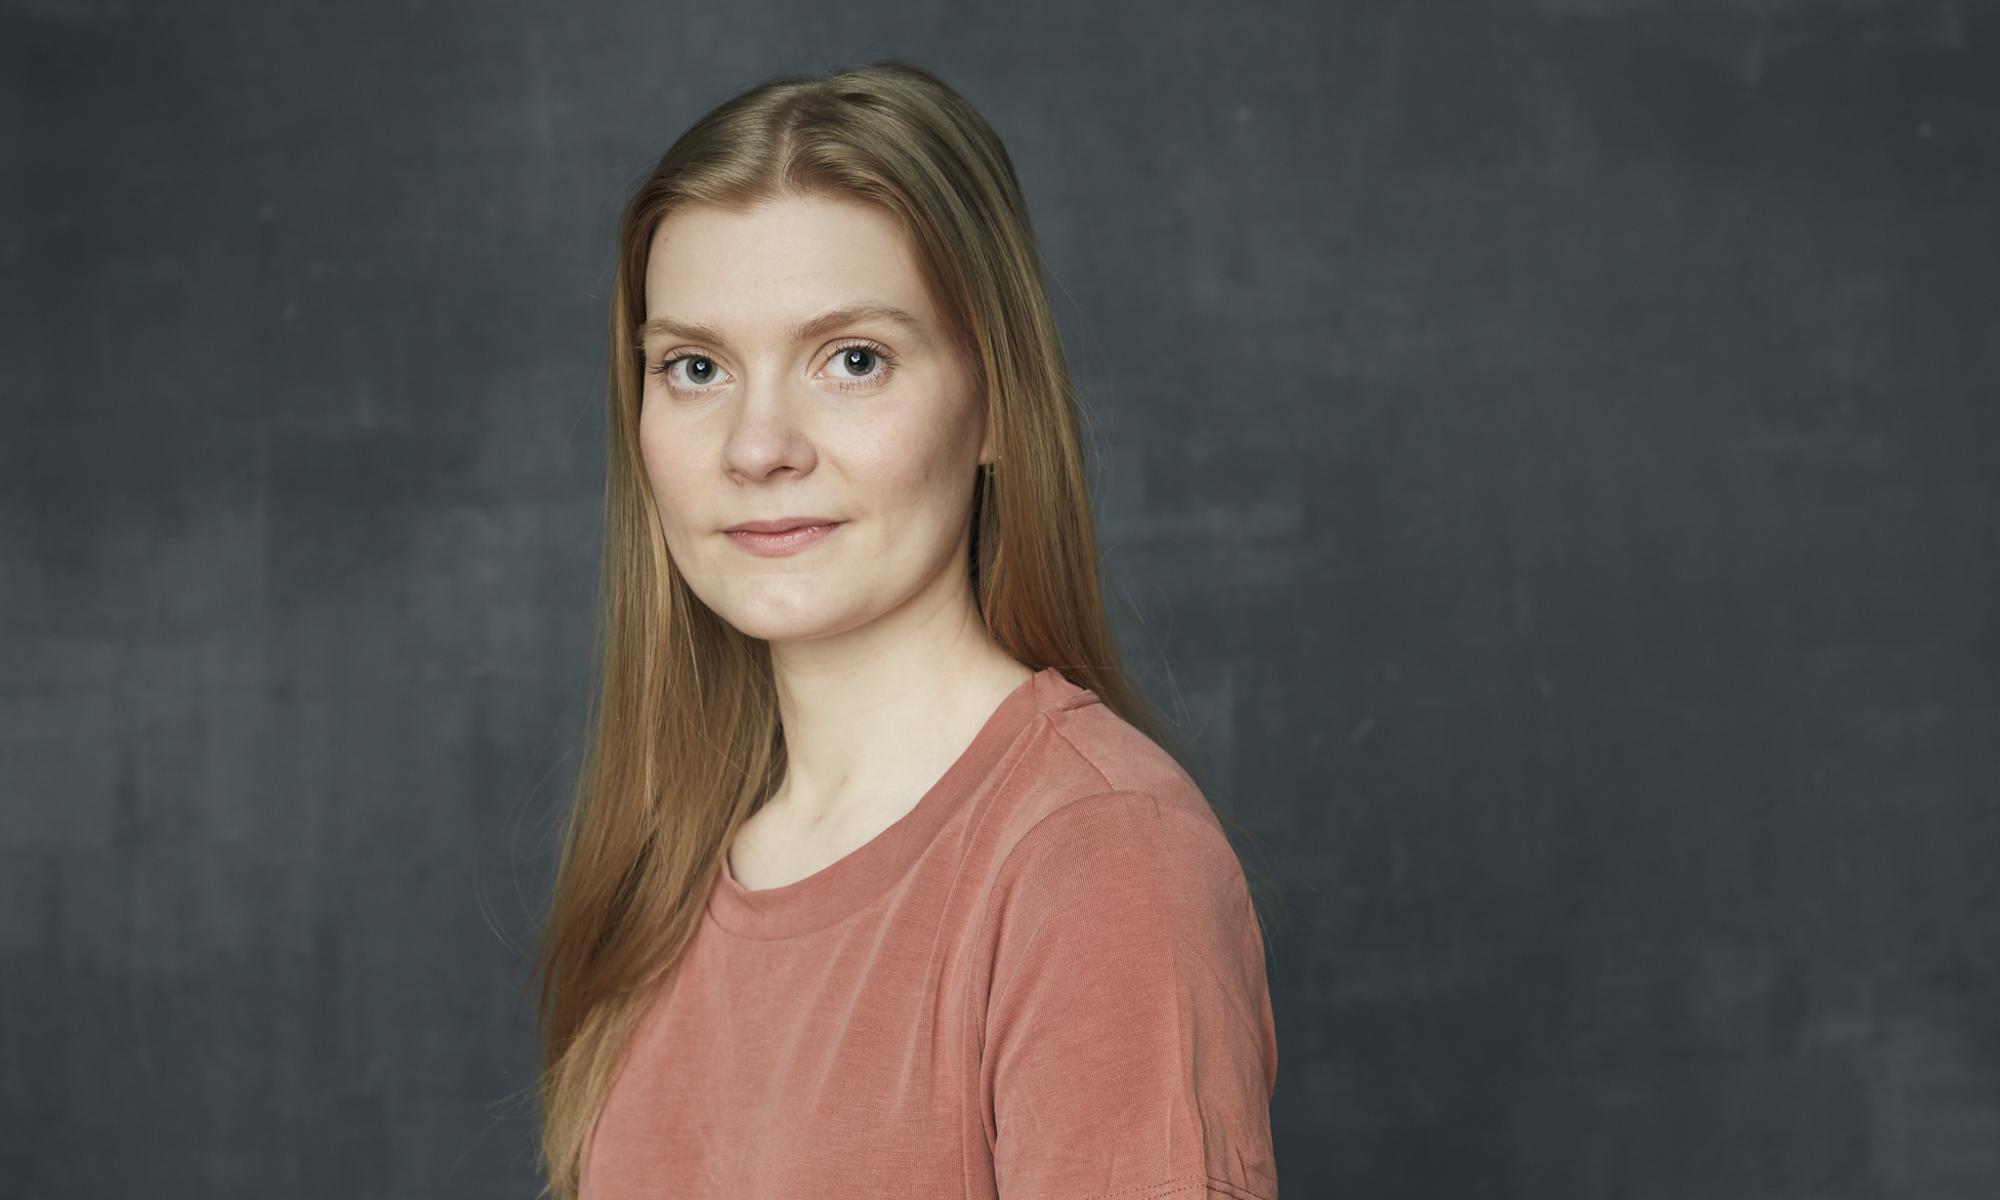 Verna Nordlund